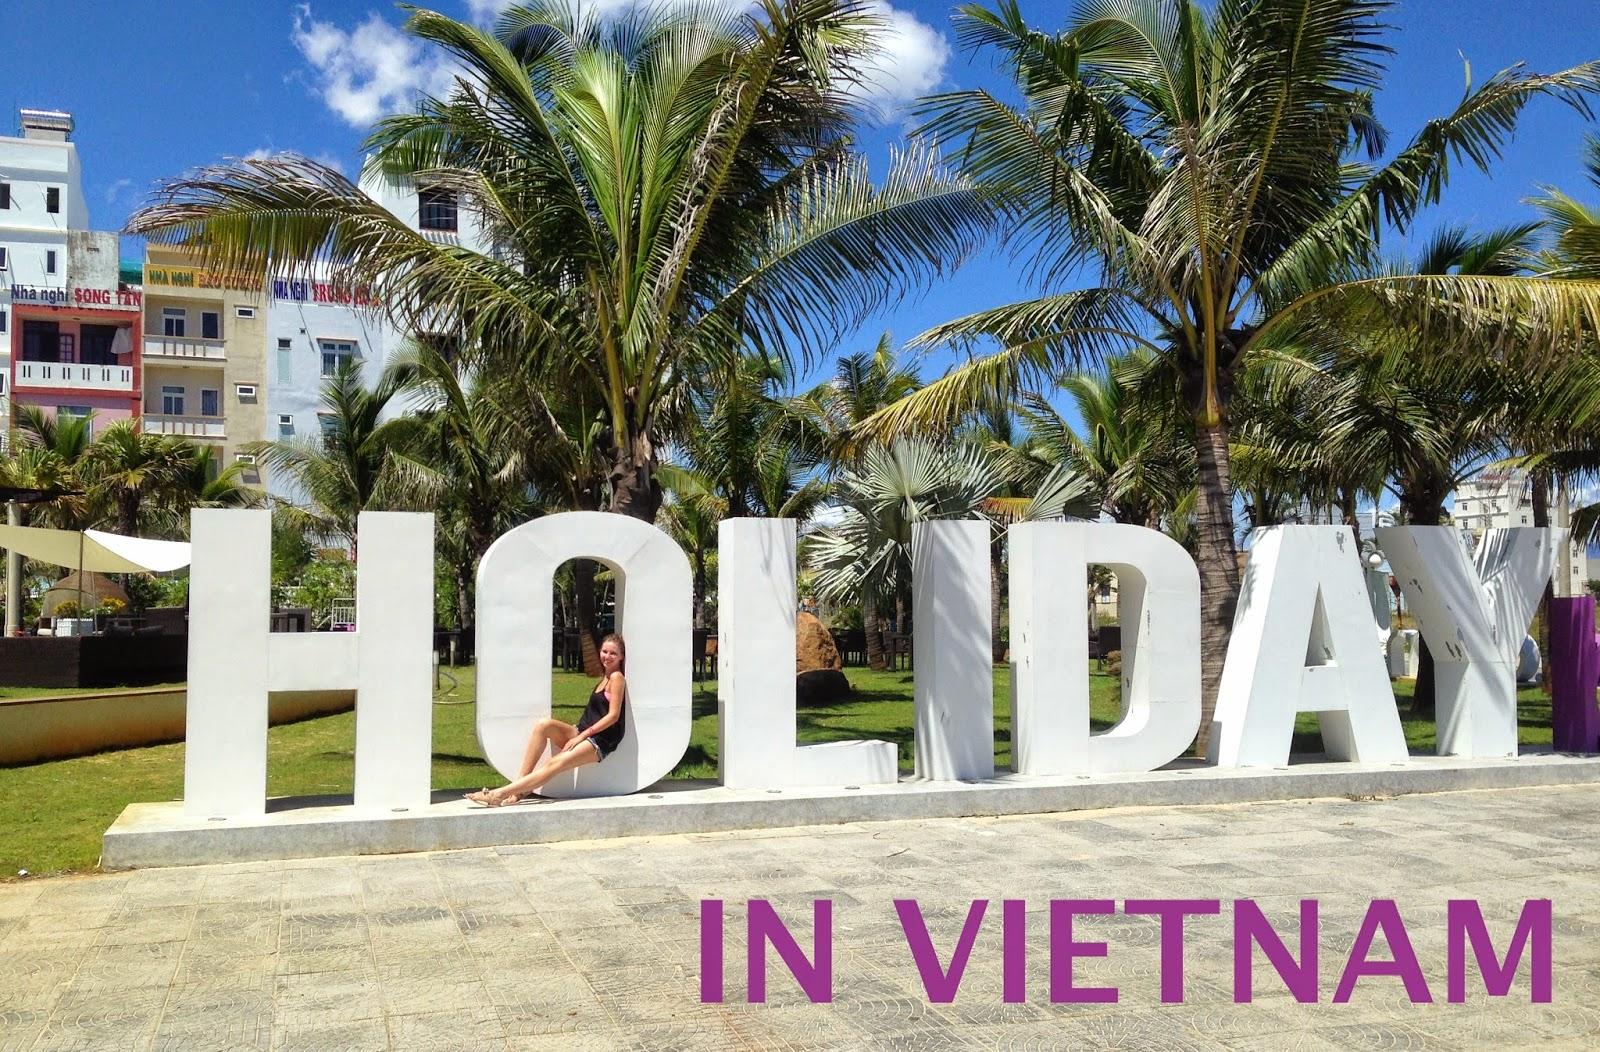 Vietnam, dovolená Vietnam, dovolená střední vietnam, dovolená bez cestovky, dovolená bez cestovky asie, dovolená bez cestovky vietnam, víza do vietnamu, kde zařídit víza do vietnamu, kristýna vacková, vacková kristýna, fashion house, fashion house blog, da nang, vietnam na vlastní pěst, letenky do vietnamu, nejlevnější letenky do vietnamu, blog o cestování, cestovní blog, vietnam víza, vietnam visa, visa vietnam, cestovatelský blog, psi ve vietnamu, jedí psi ve vietnamu, češi ve vietnamu